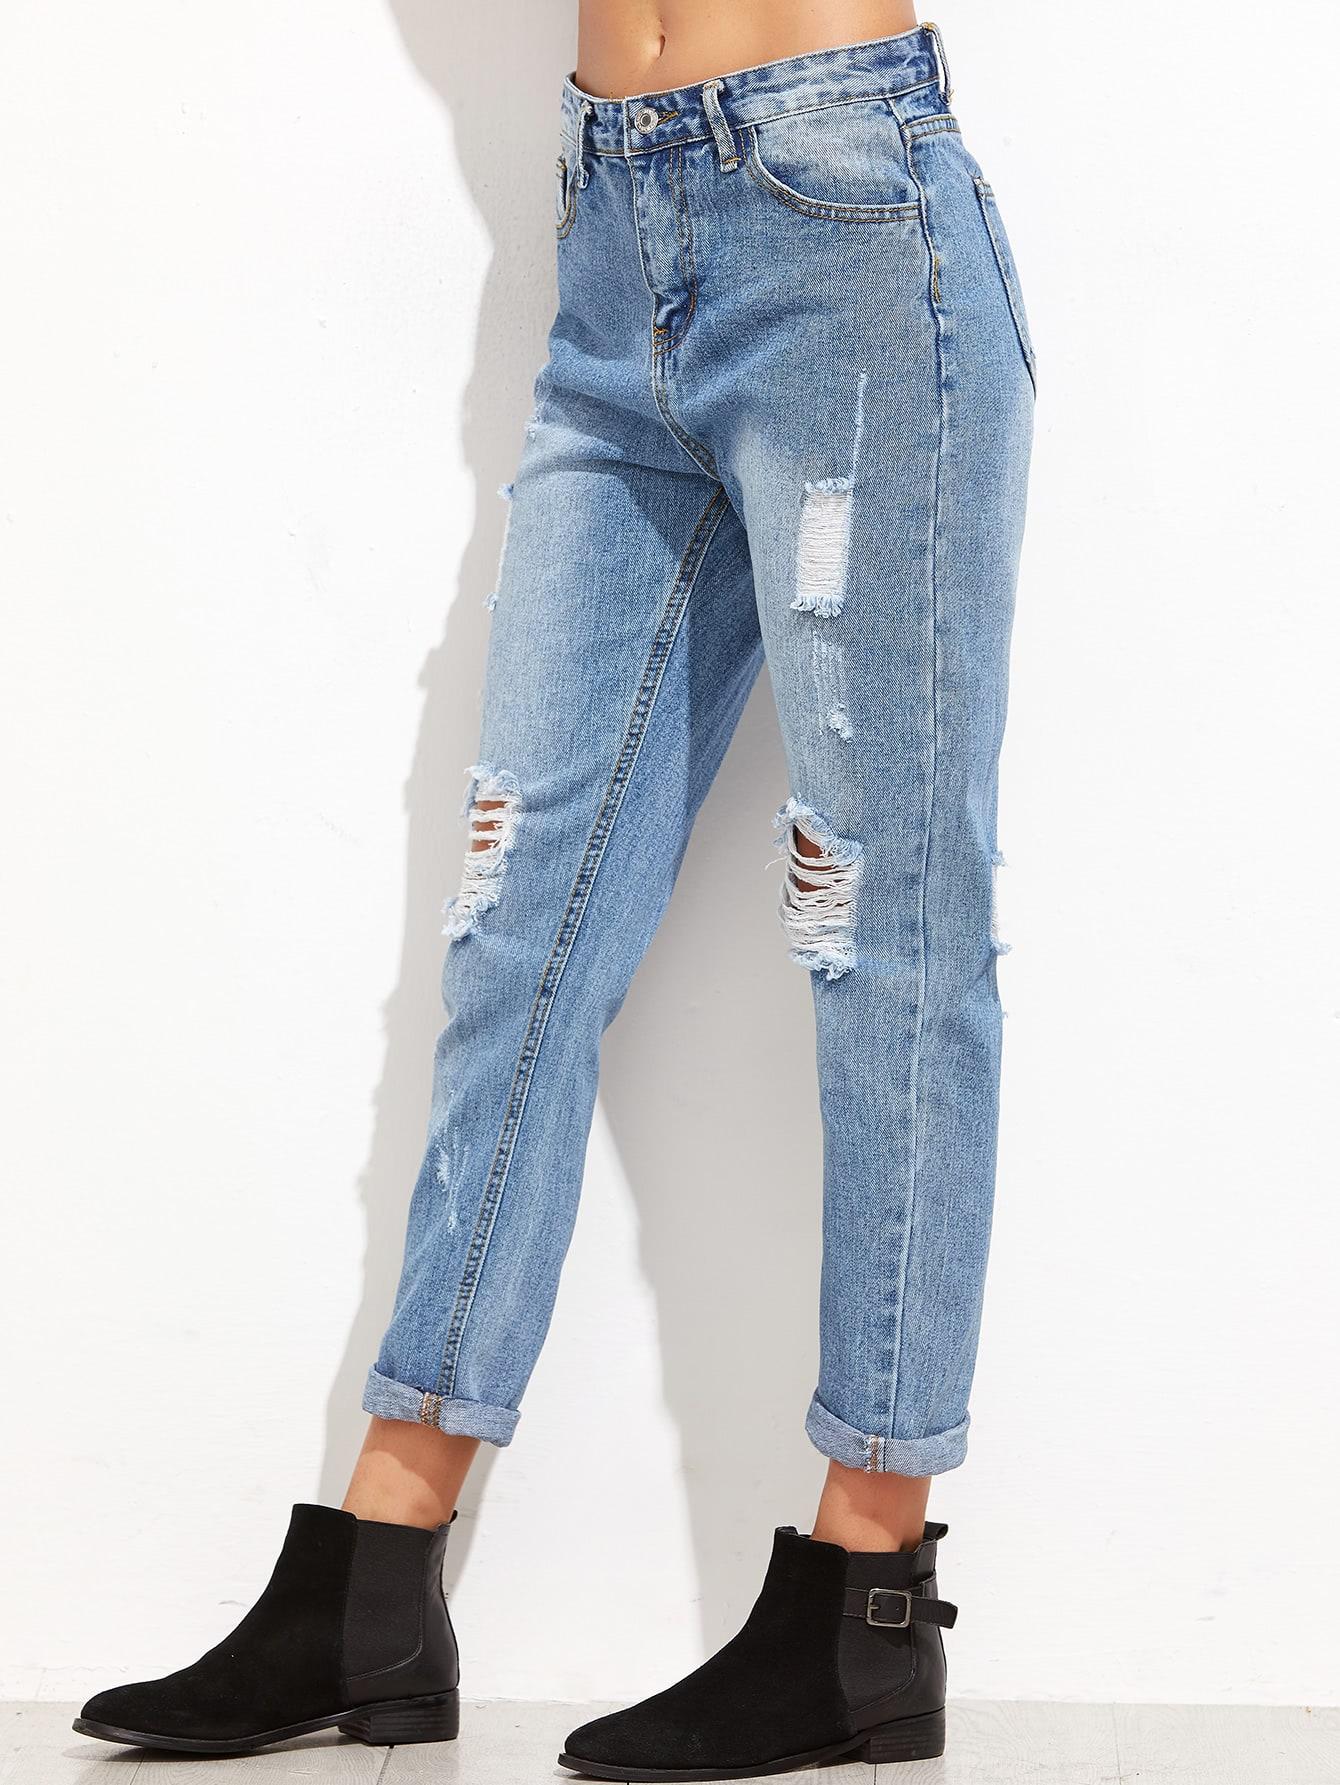 pants161017002_2